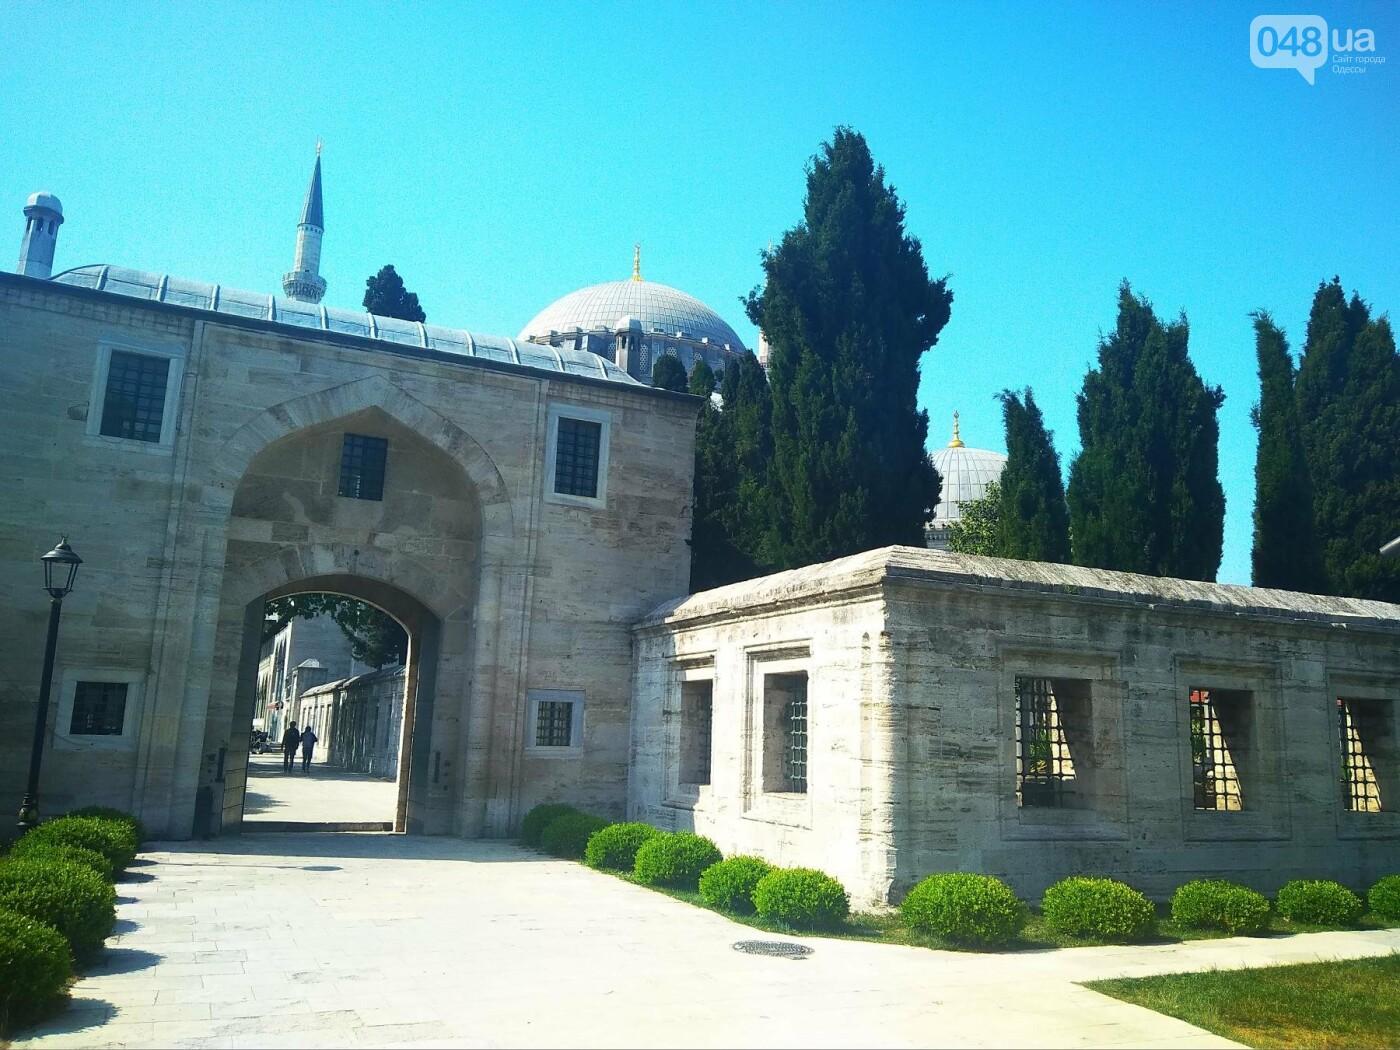 Проверено на себе: Путешествие из Одессы в Стамбул на пароме, - ФОТОРЕПОРТАЖ, фото-20